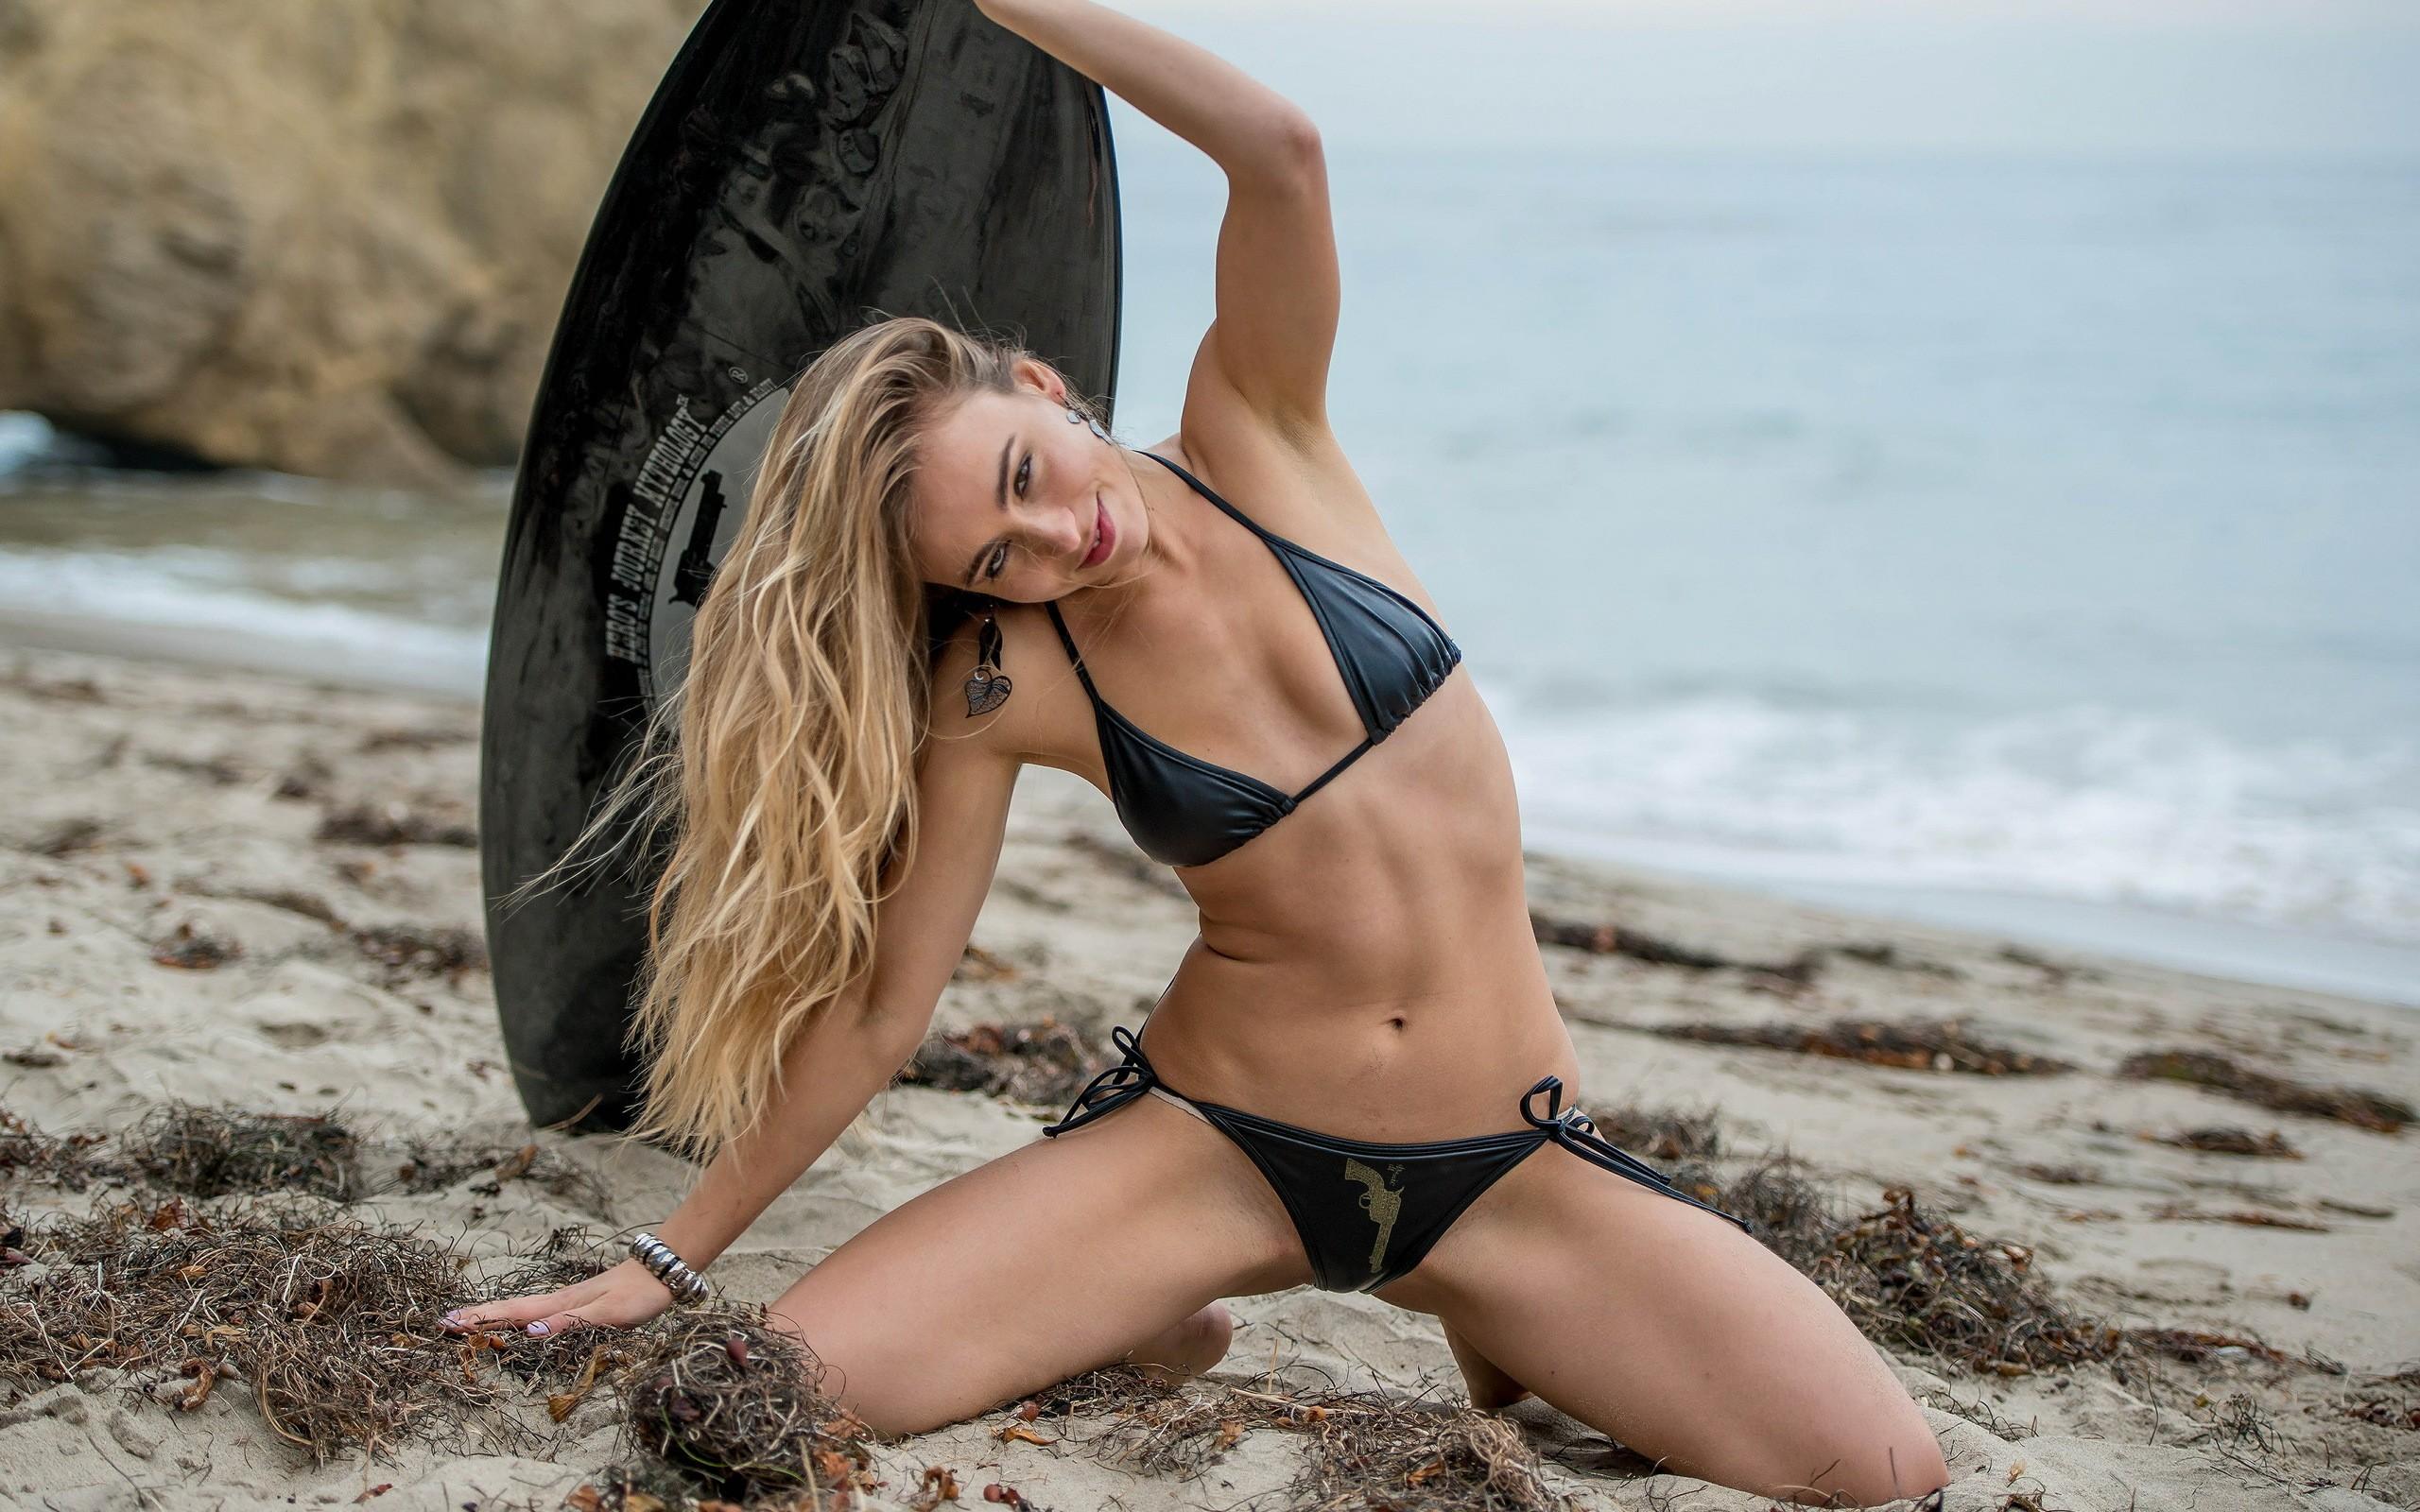 hair Beach bikini